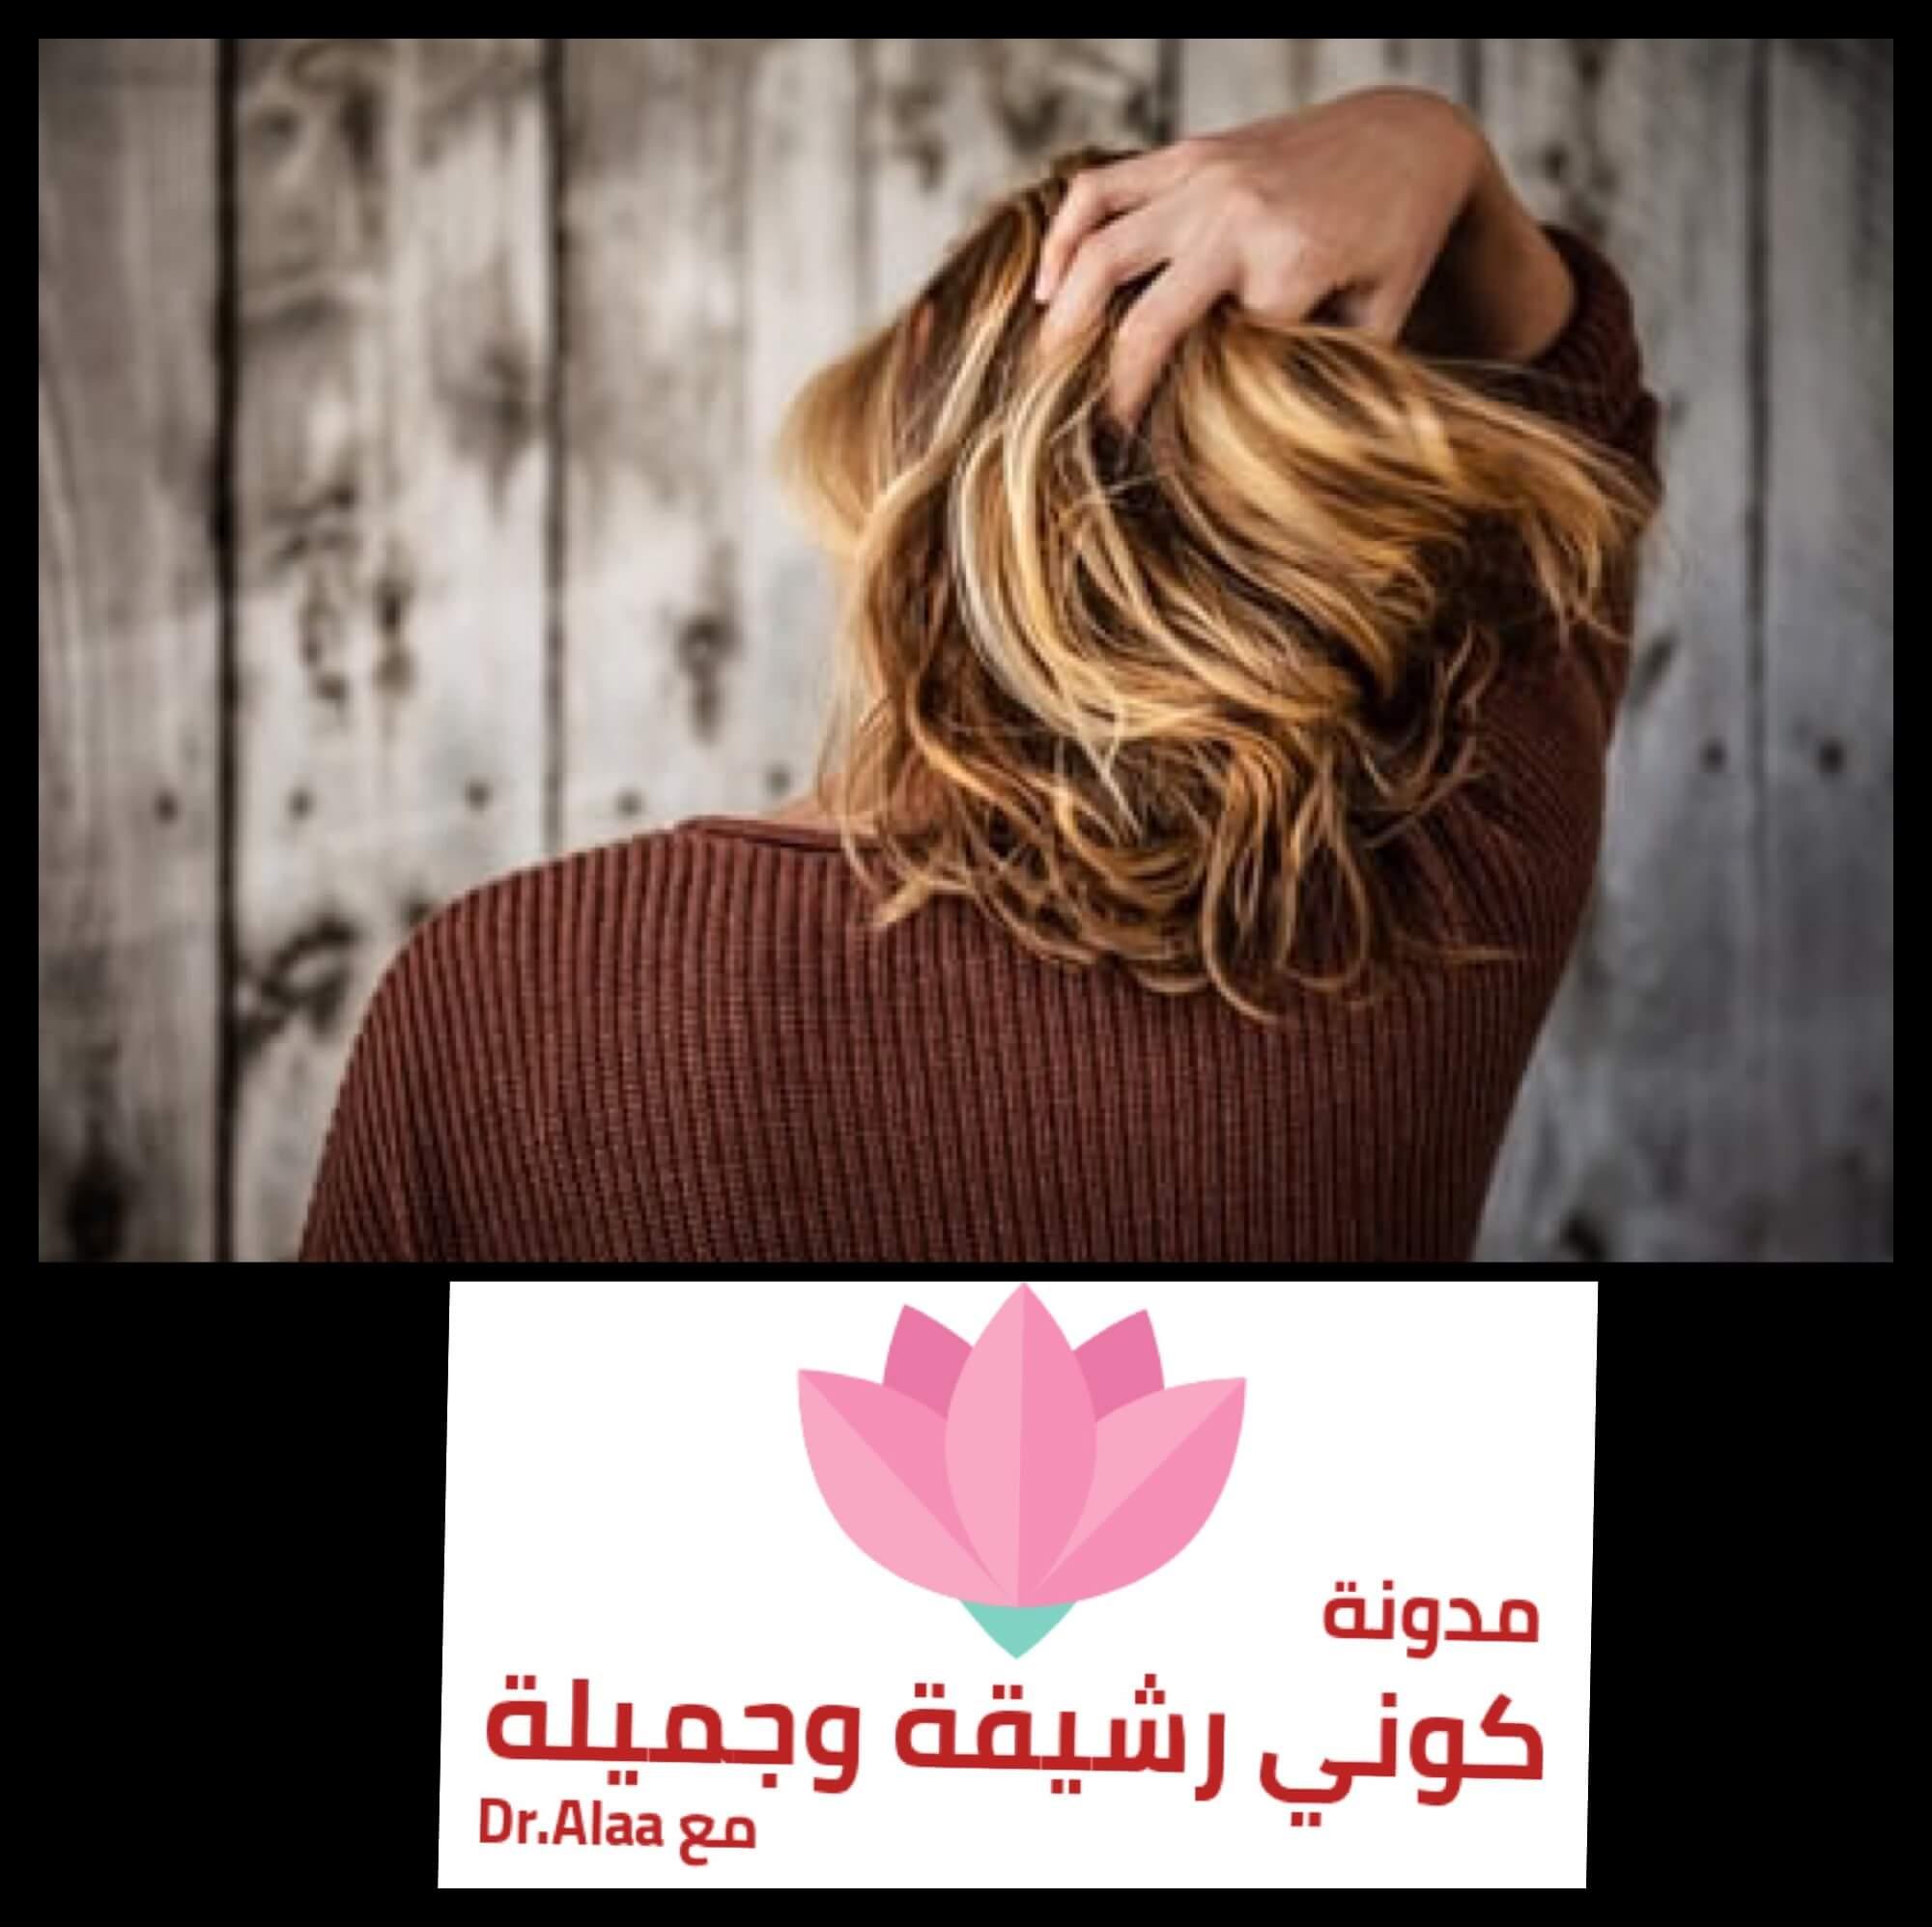 زراعة الشعر للنساء وما نتائجها